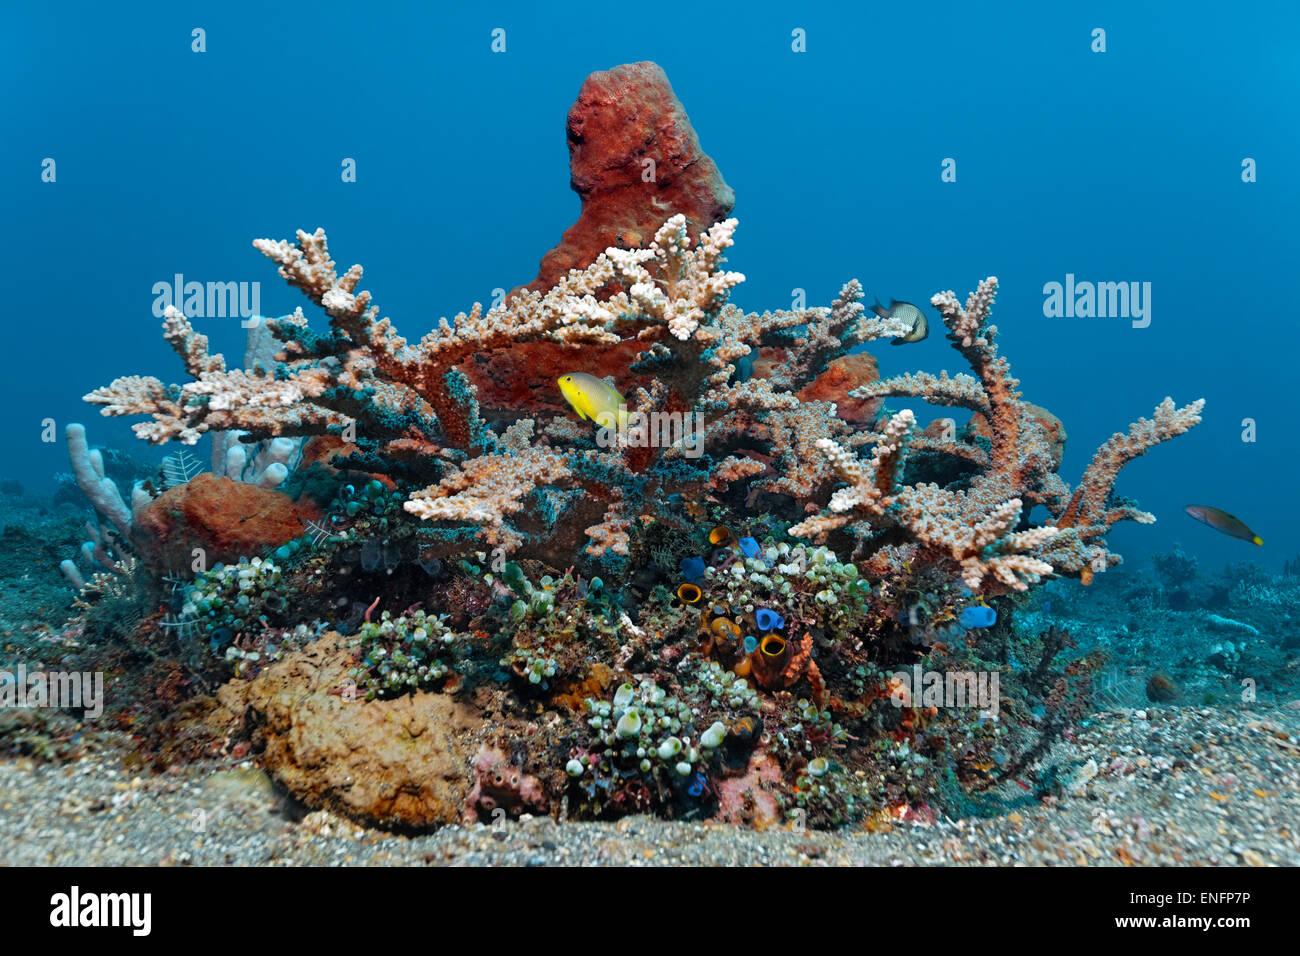 Kleinen Korallenriff mit verschiedenen Korallen, Seescheiden, Schwämme und Fisch, Bali Stockbild